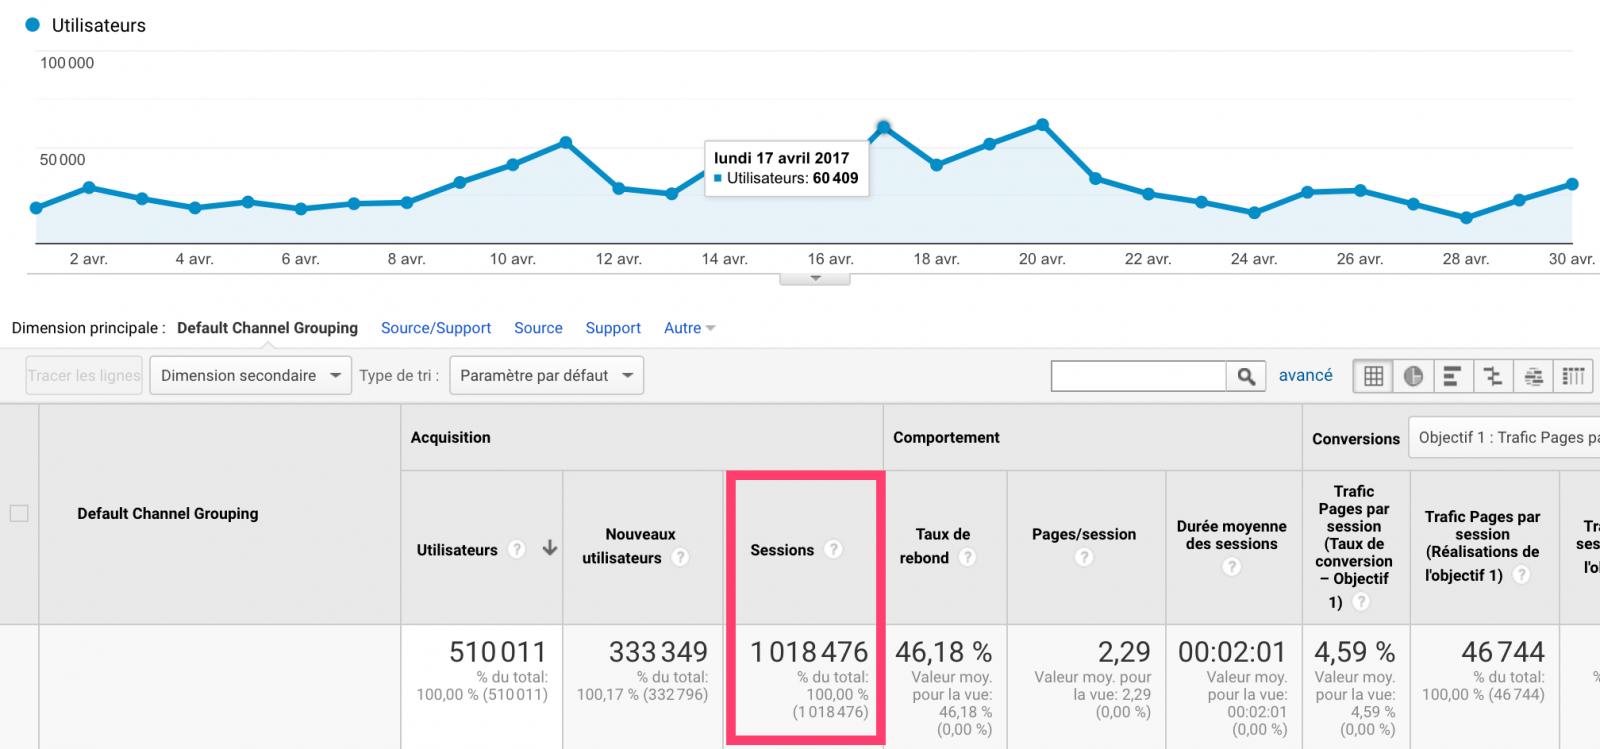 Analytics d'un site avec plus de 1 000 000 de sessions mensuelles